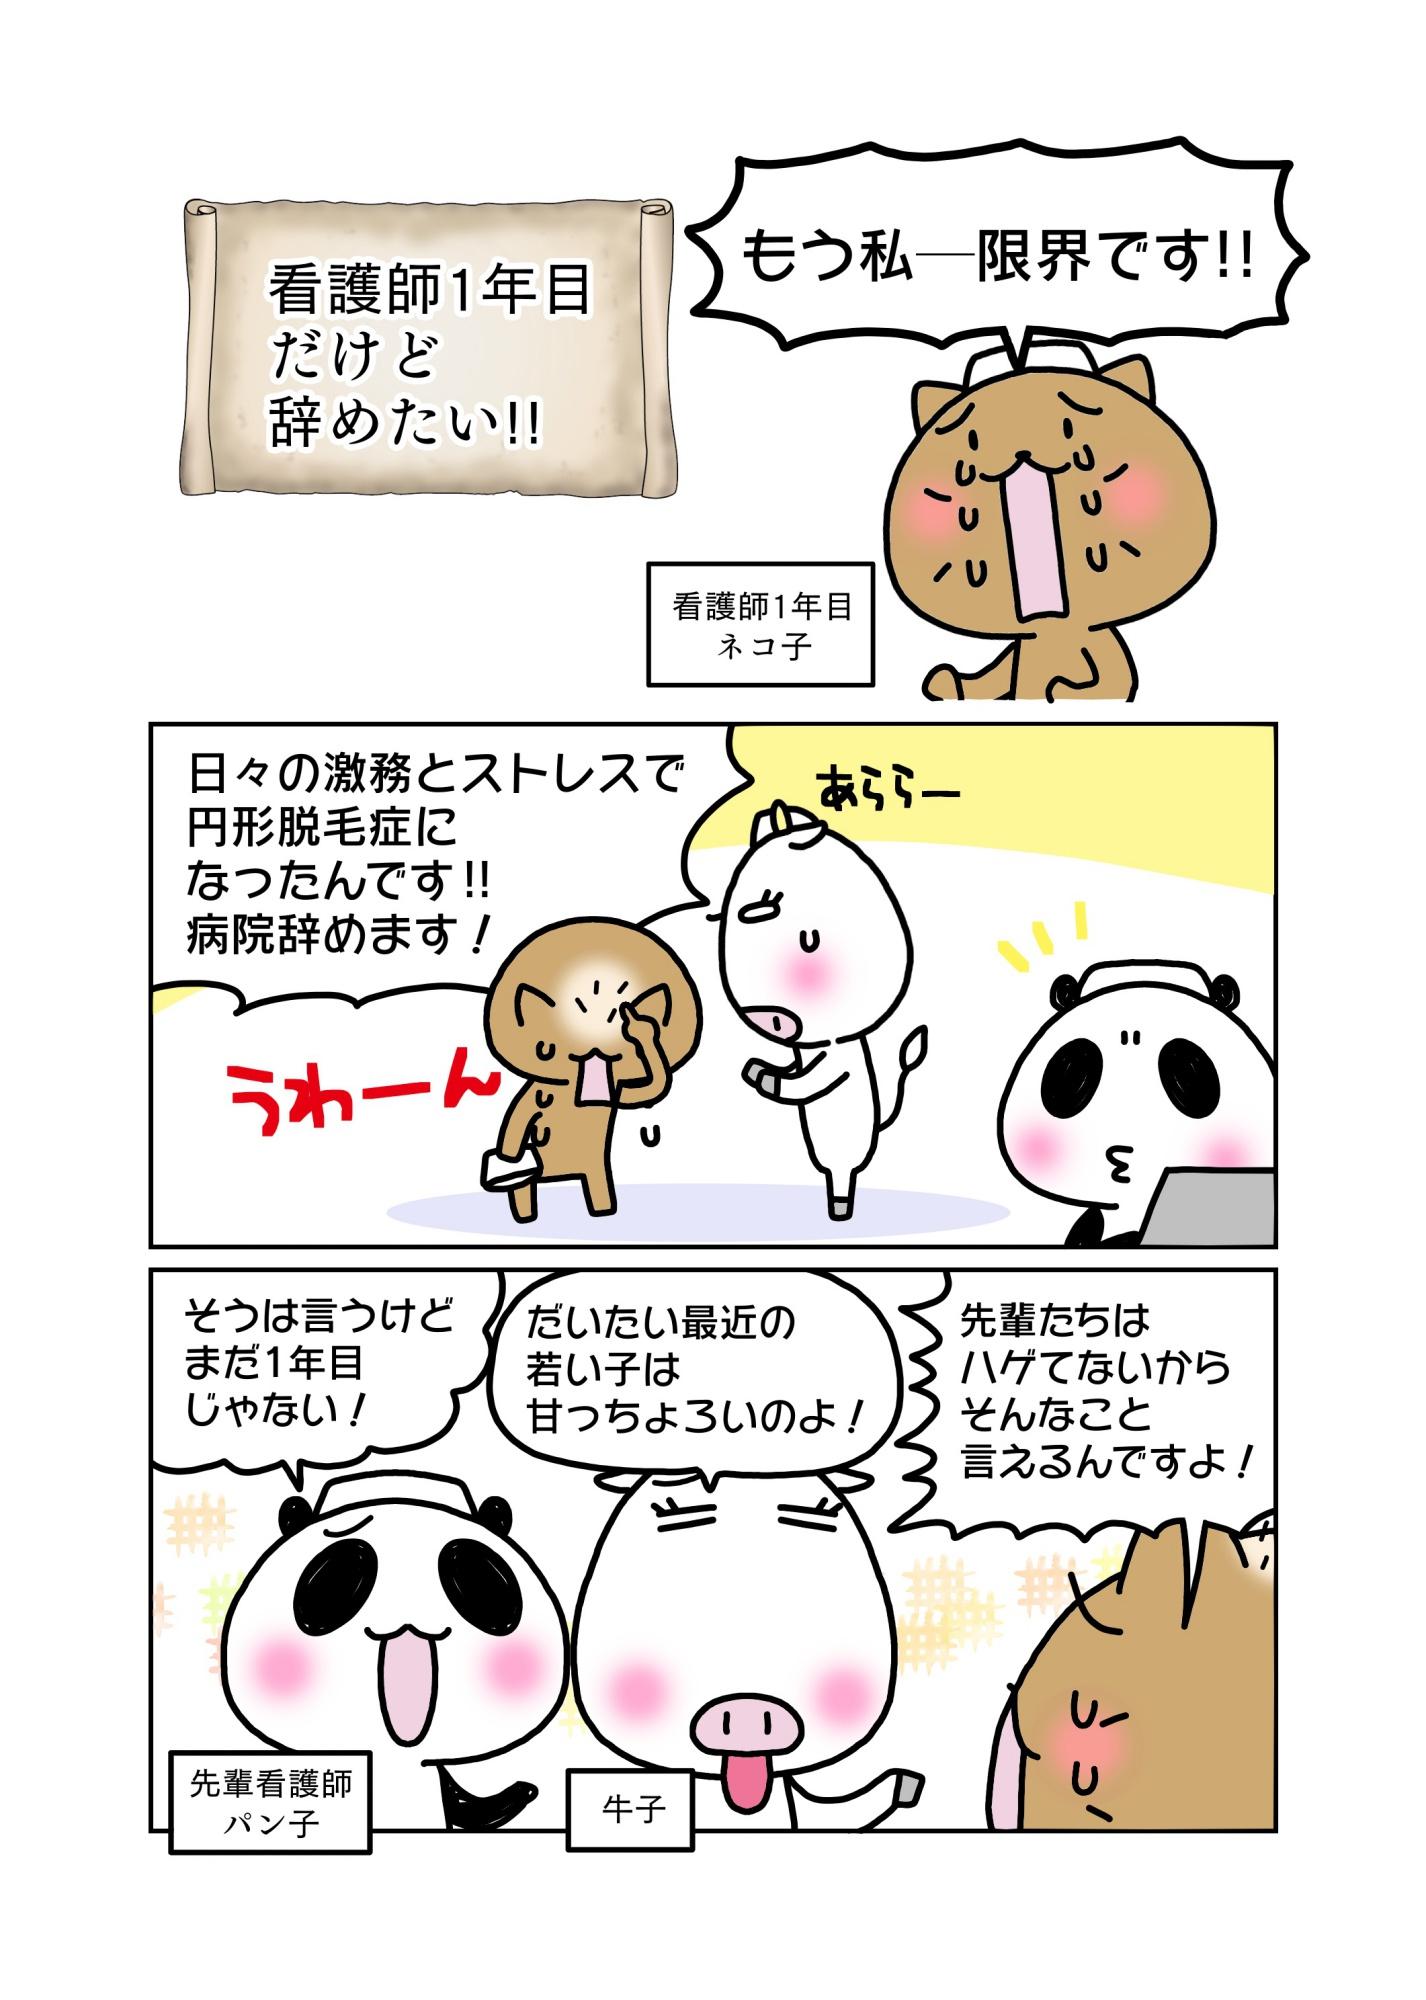 「看護師1年目だけど辞めたい!!」マンガ1ページ